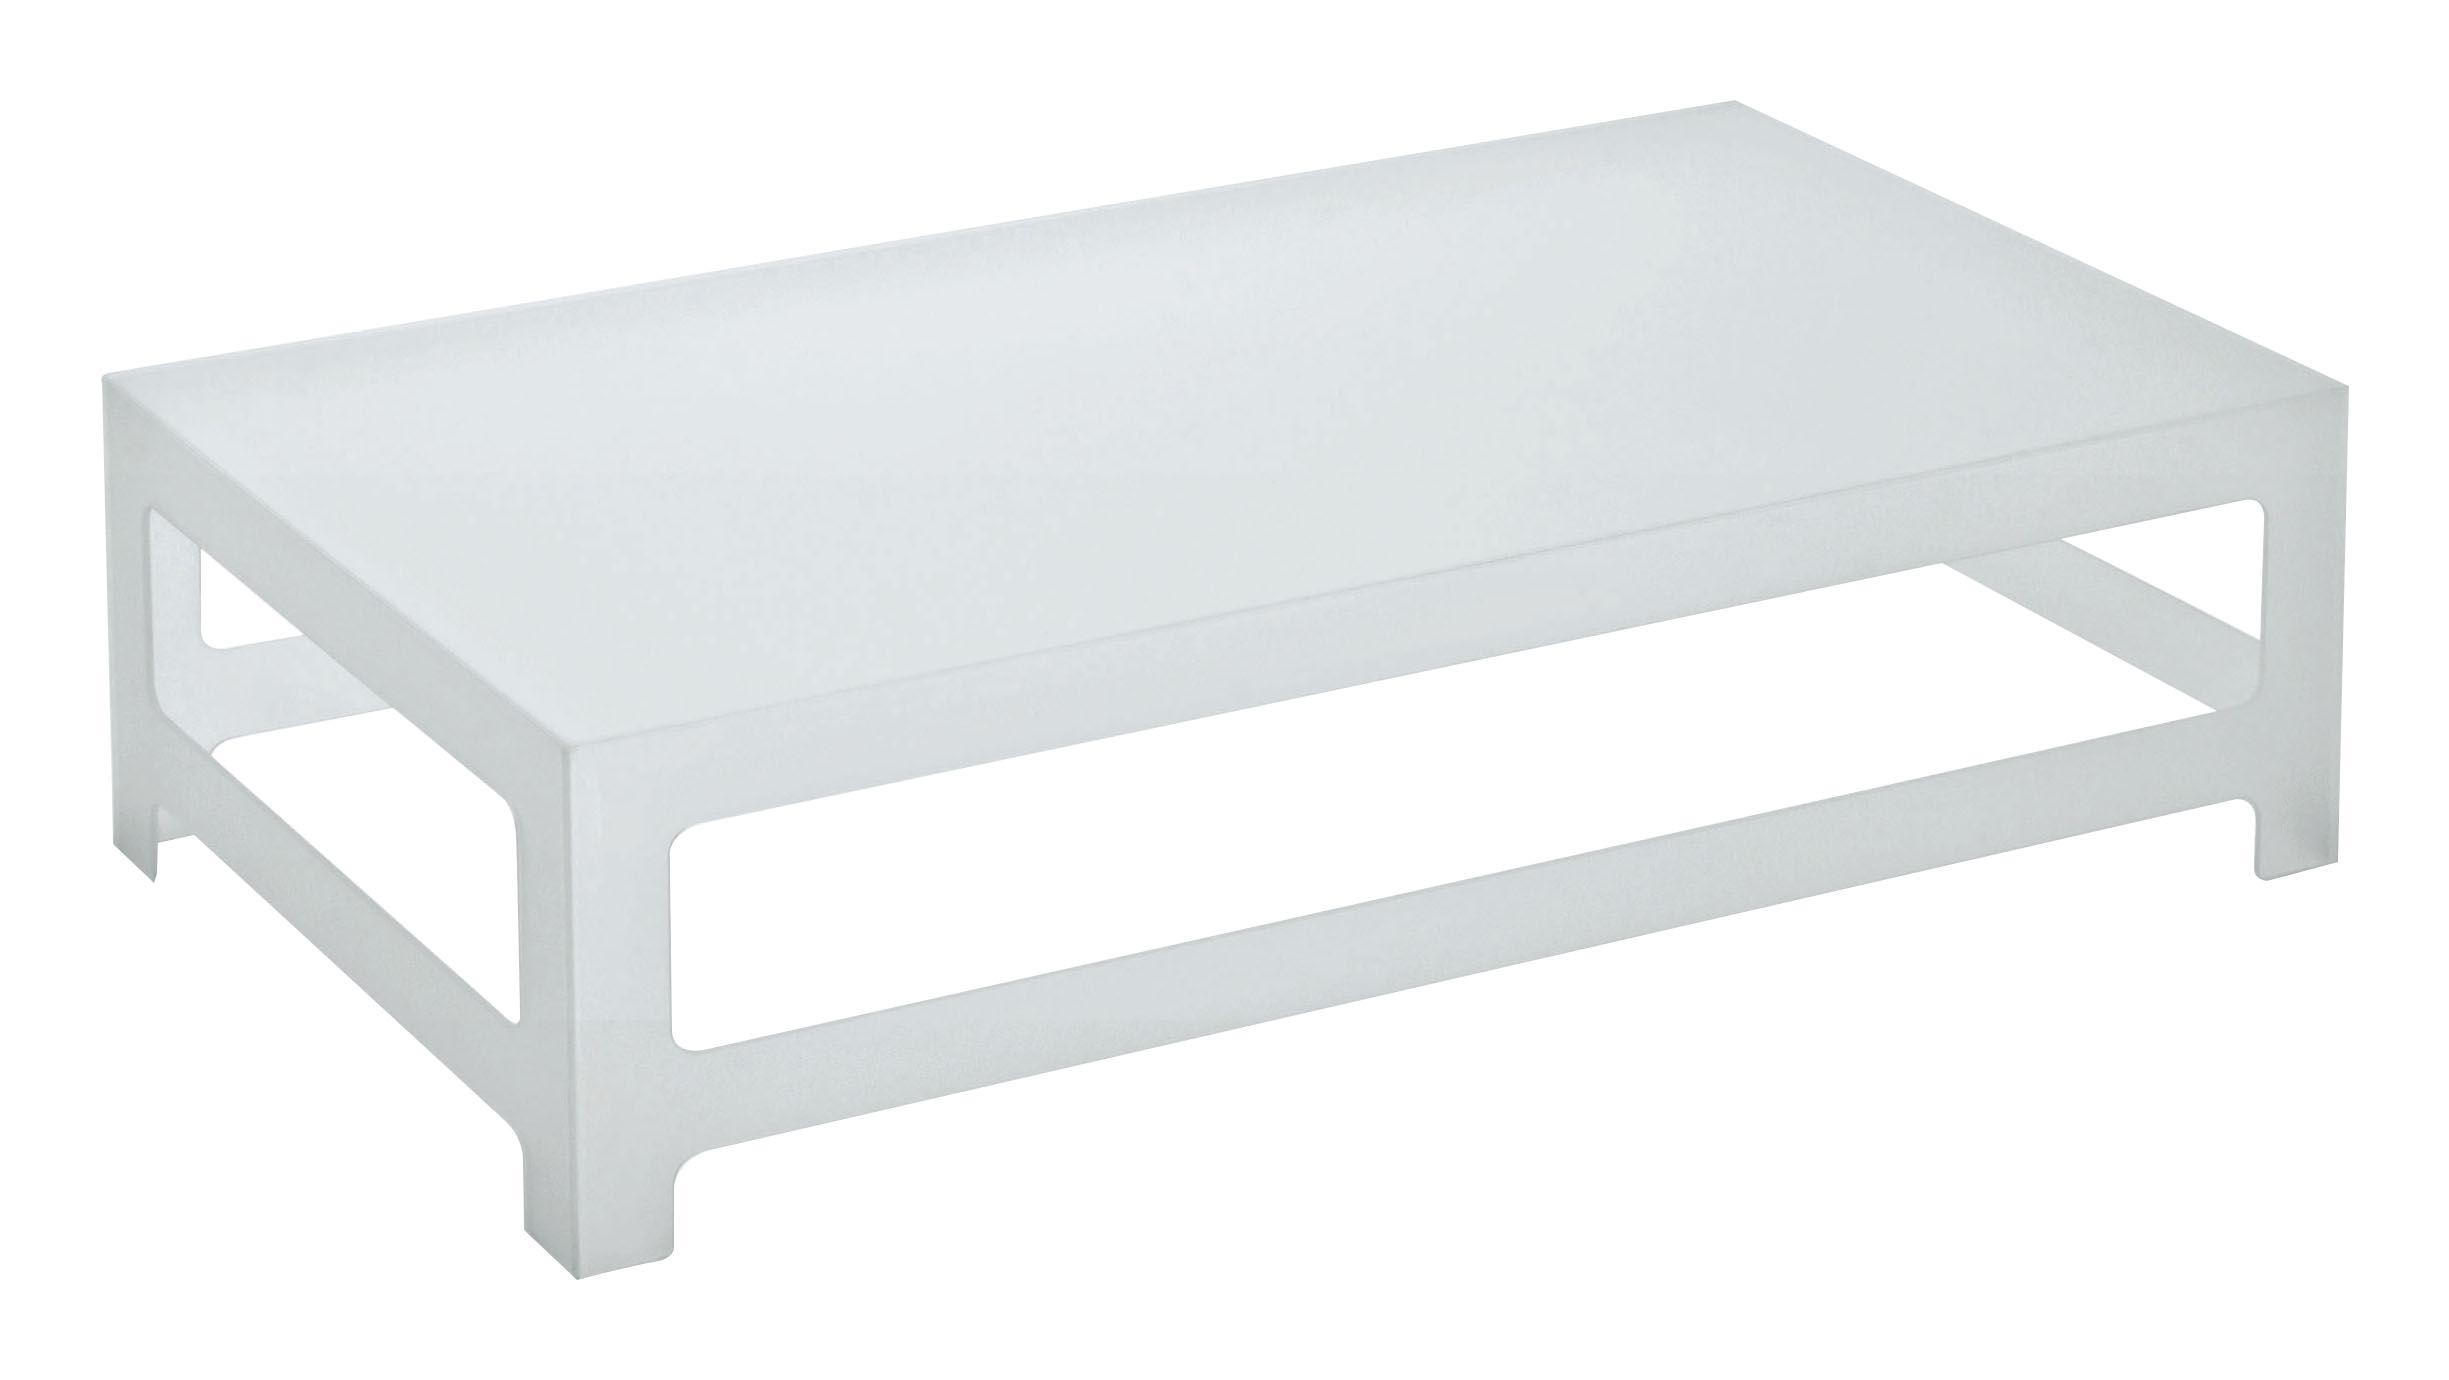 Mobilier - Tables basses - Table basse Nezu H 30 cm - 130 x 70 cm - Glas Italia - 130 x 70 cm - Verre dépoli - Verre